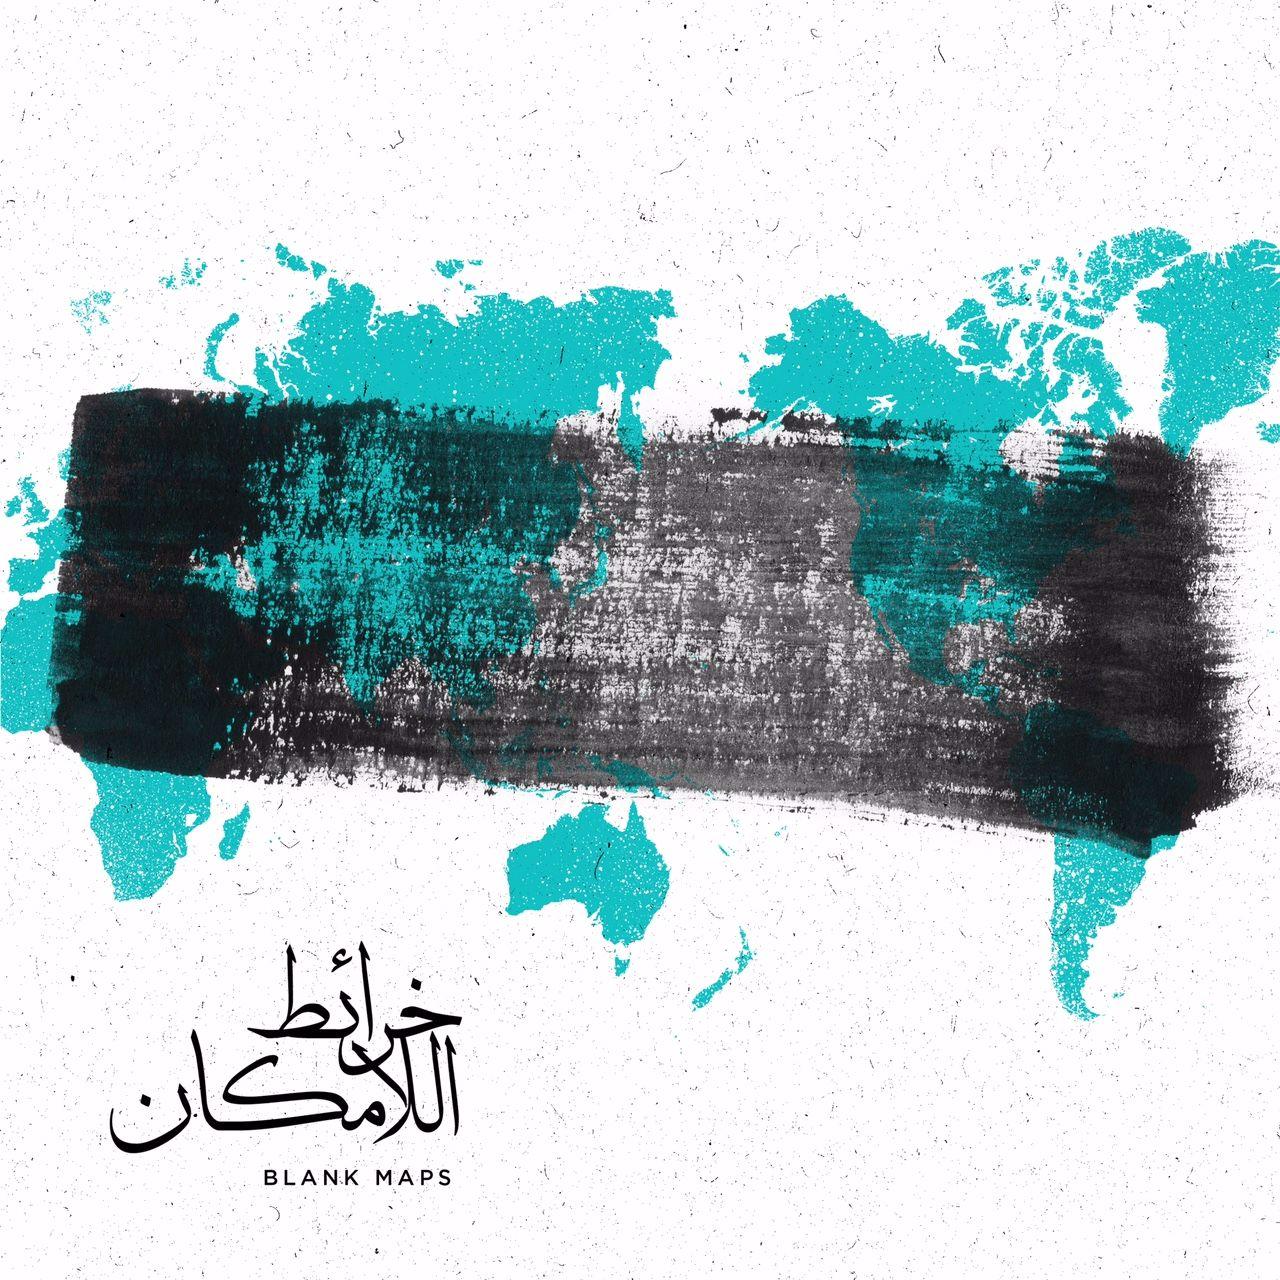 الحلقة الثالثة - الجزء الثاني: مواطنون أُسقطوا سهواً - صوت كردي من سوريا